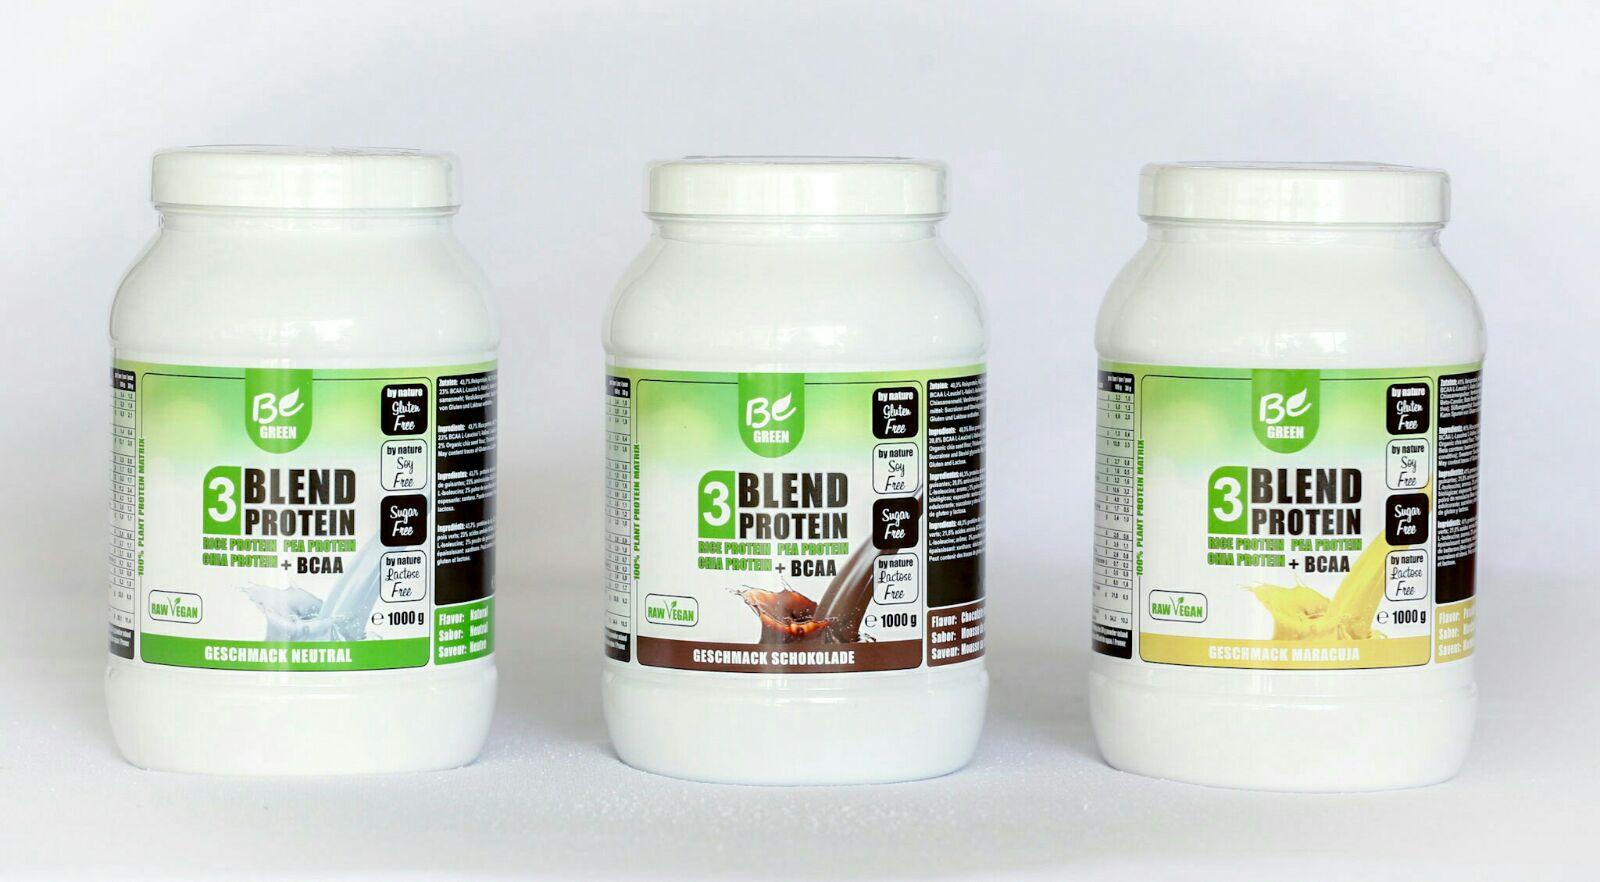 La importancia de las proteínas para deportistas... y no tan deportistas!